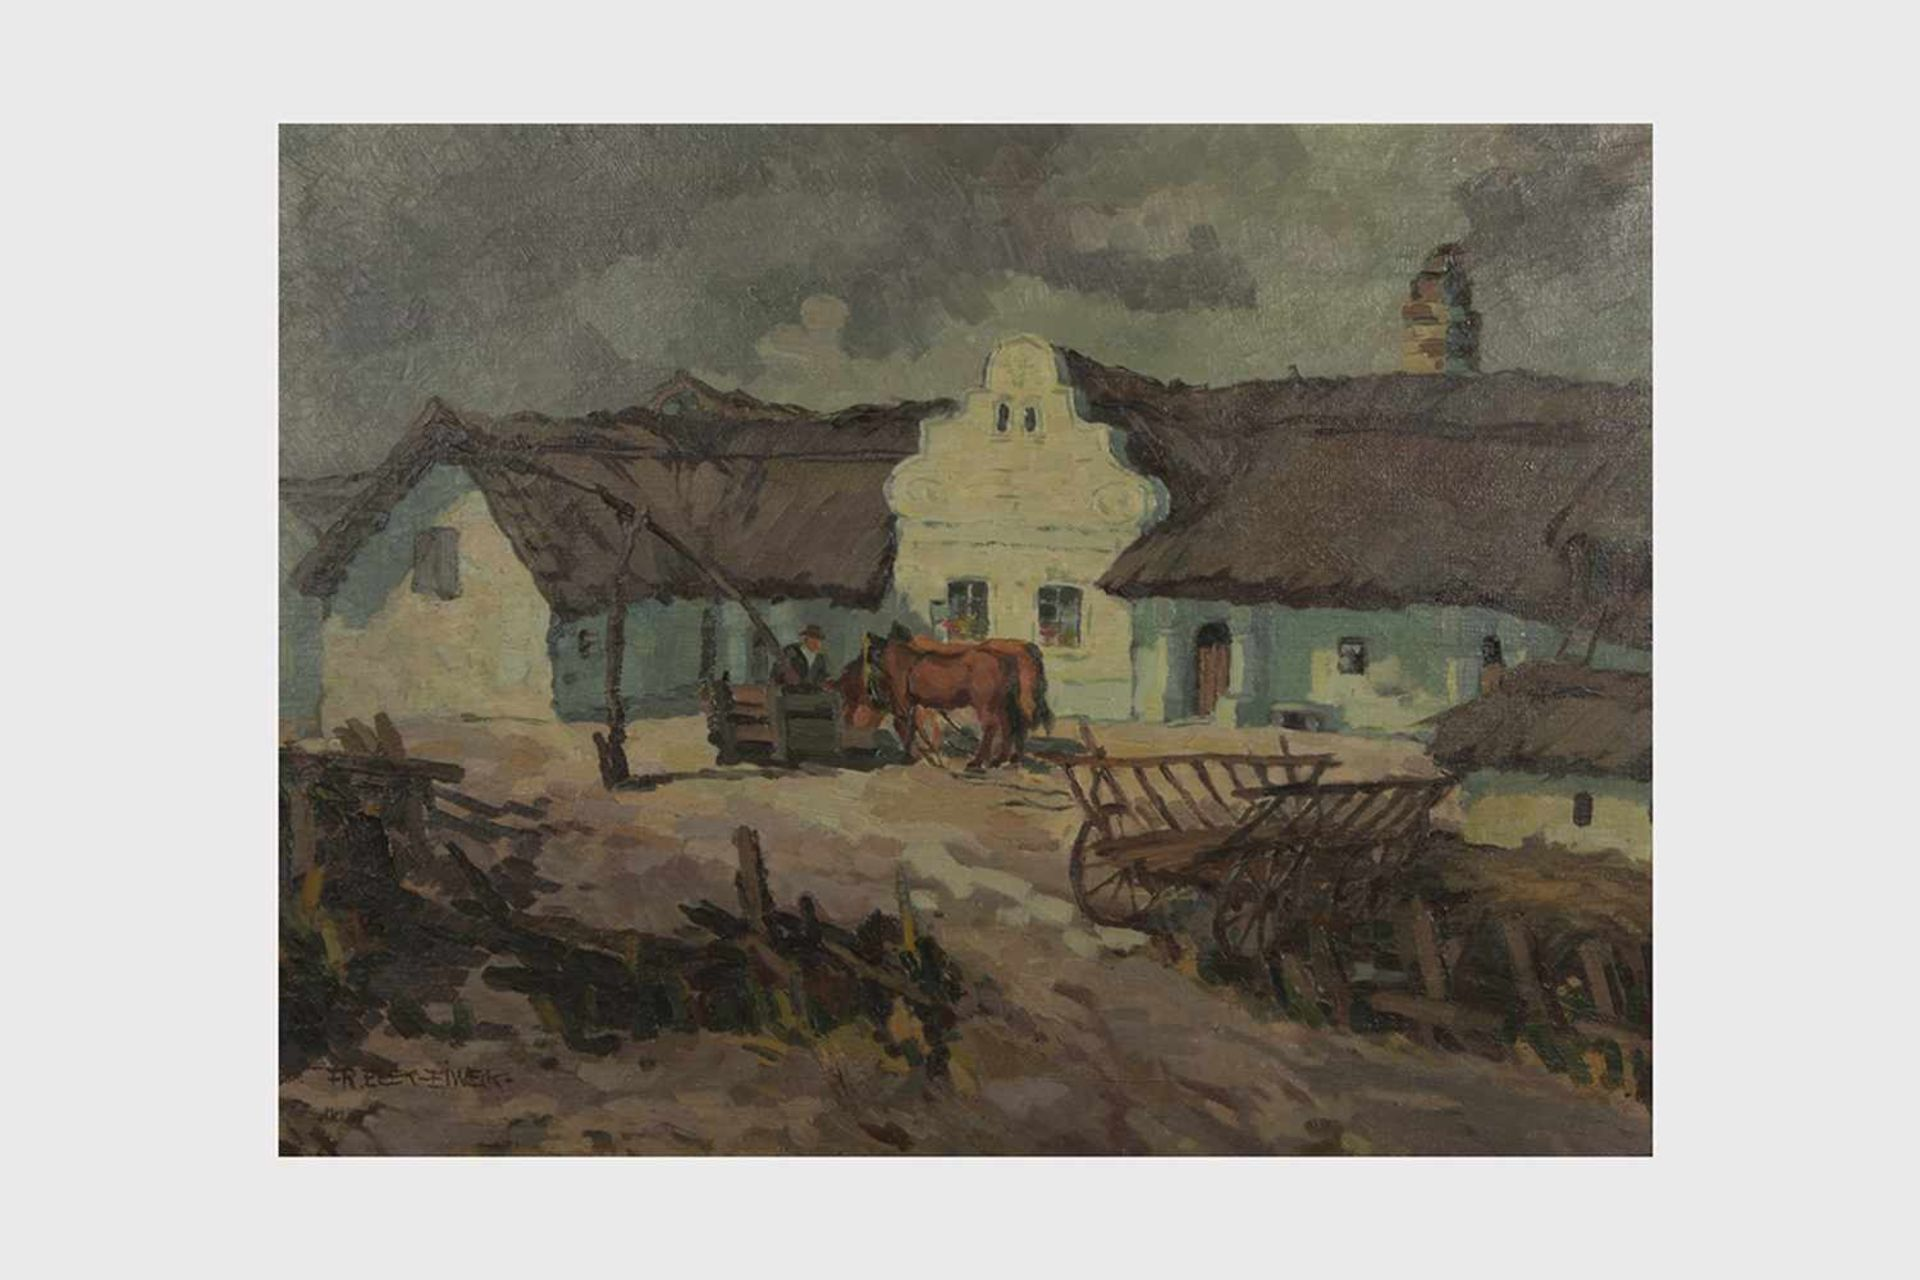 Los 13 - Franz Elek-Eiweg (1883-1959 Eisenstadt) Illmitz, Öl auf Leinwand, signiert Fr. Elek-Eiweg, 64x84,